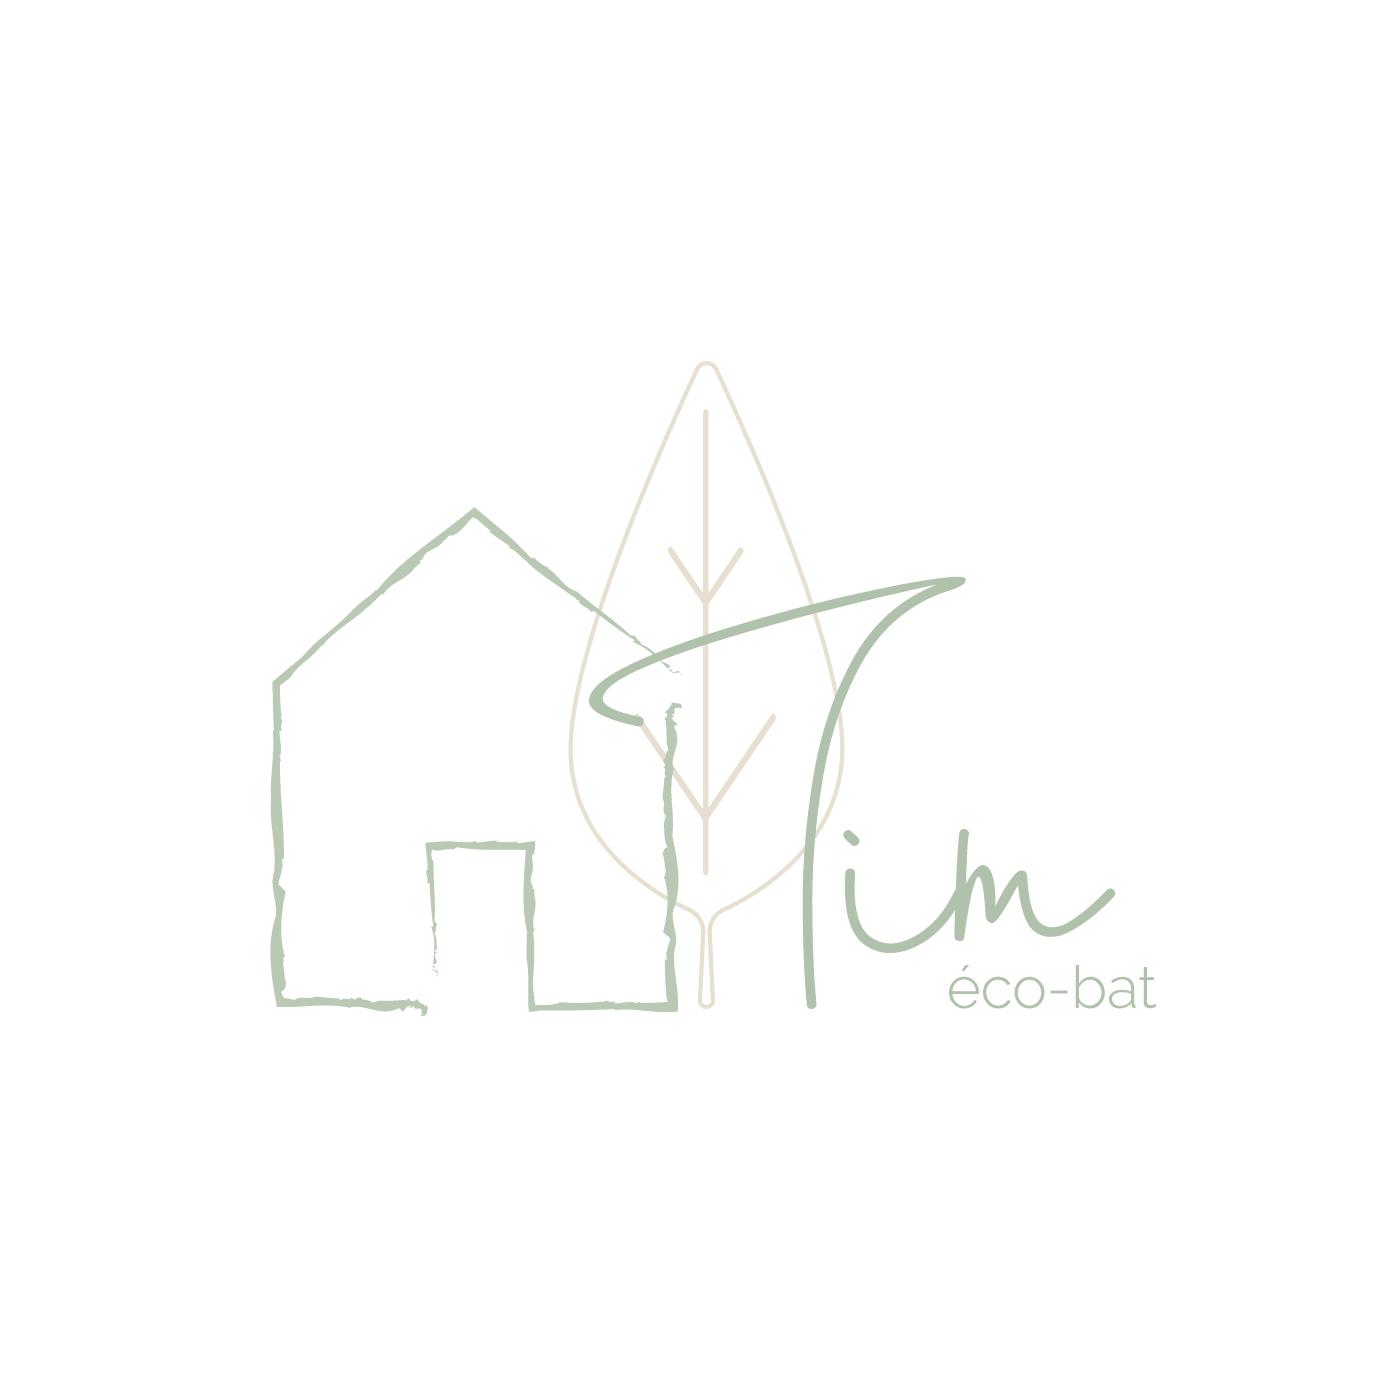 Logotype Tim Eco-bat